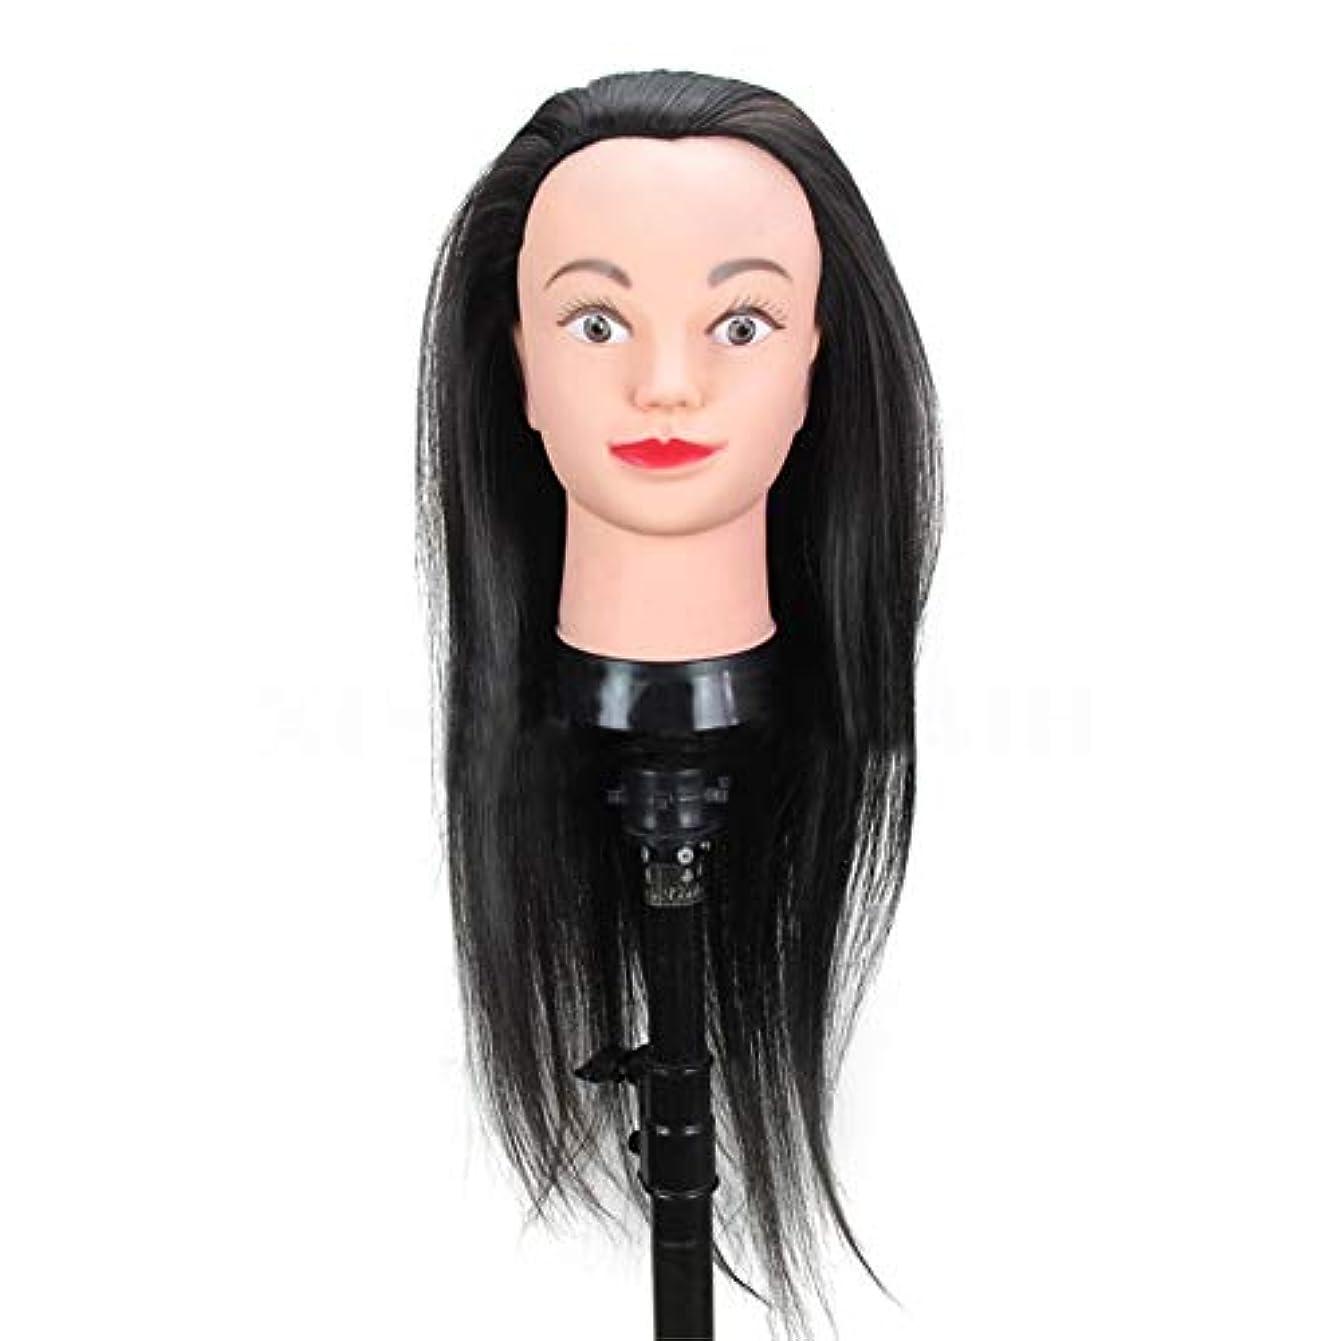 ドームロック解除不安定な高温シルク編組ヘアスタイリングヘッドモデル理髪店理髪ダミーヘッド化粧練習マネキンヘッド